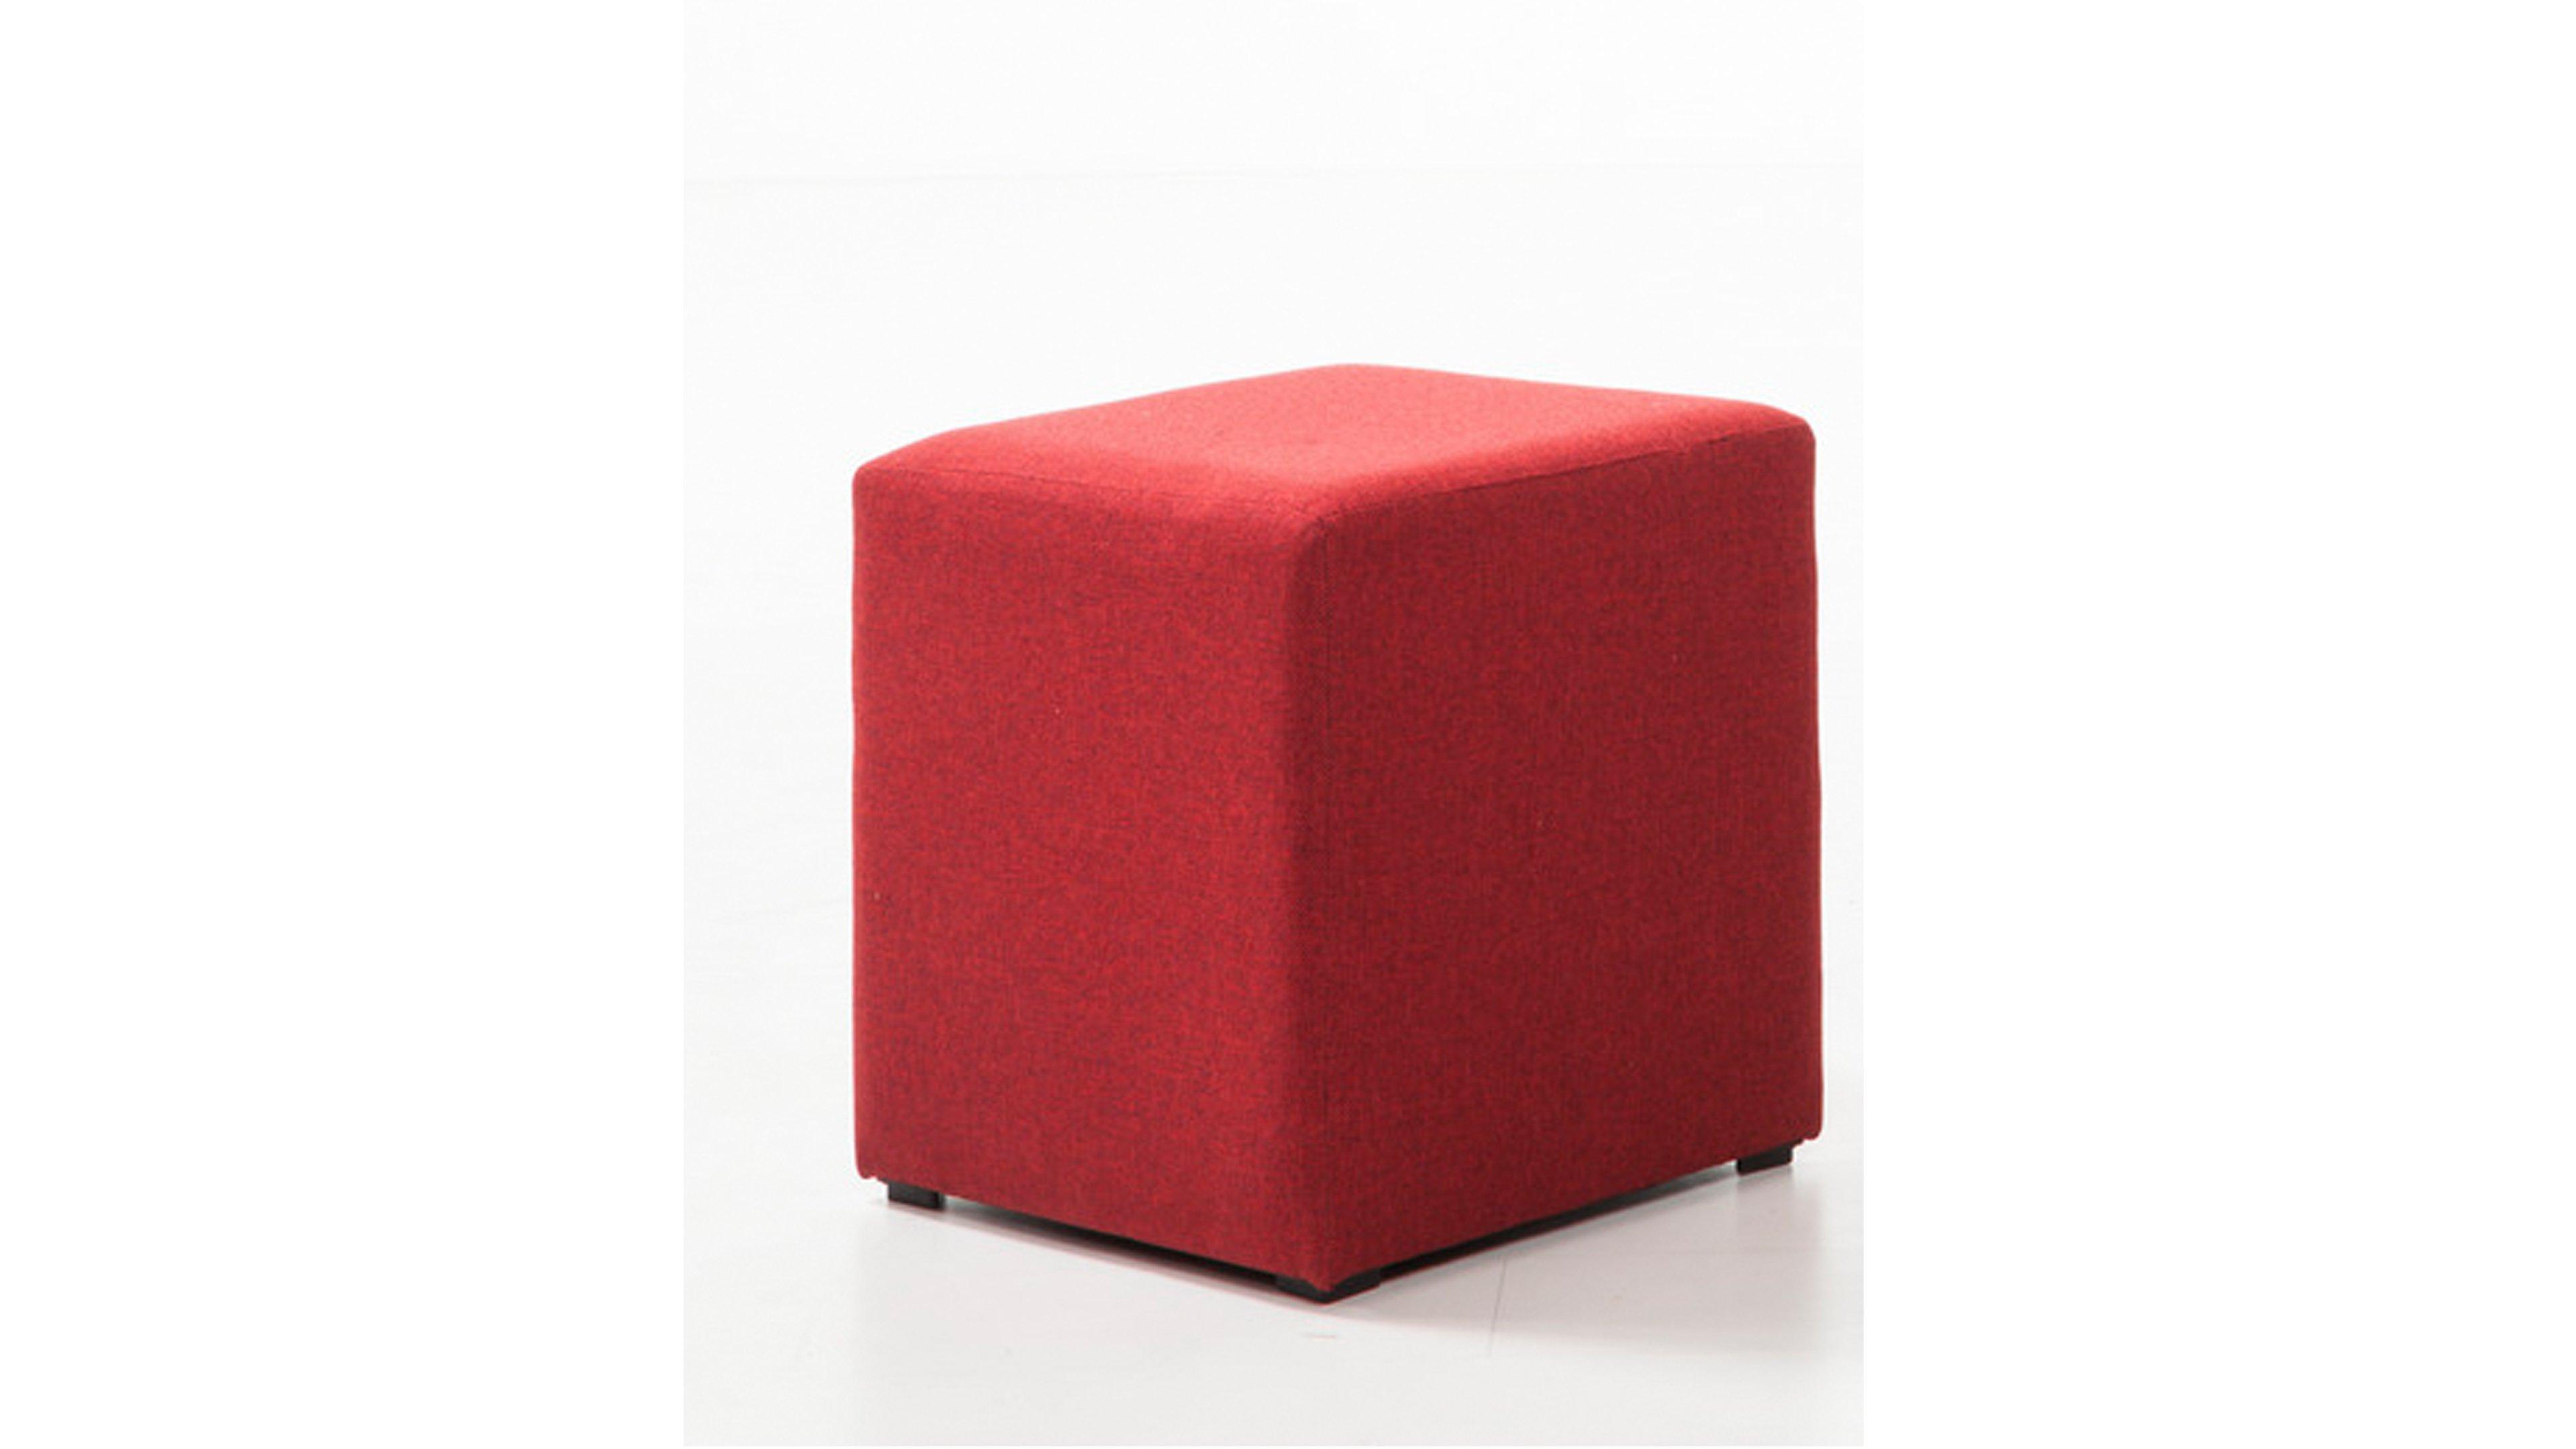 Hocker Torino Sessel Kunstfaser (Chemiefaser),KunstfaserChemiefaser/Polyester (PES),Stoff